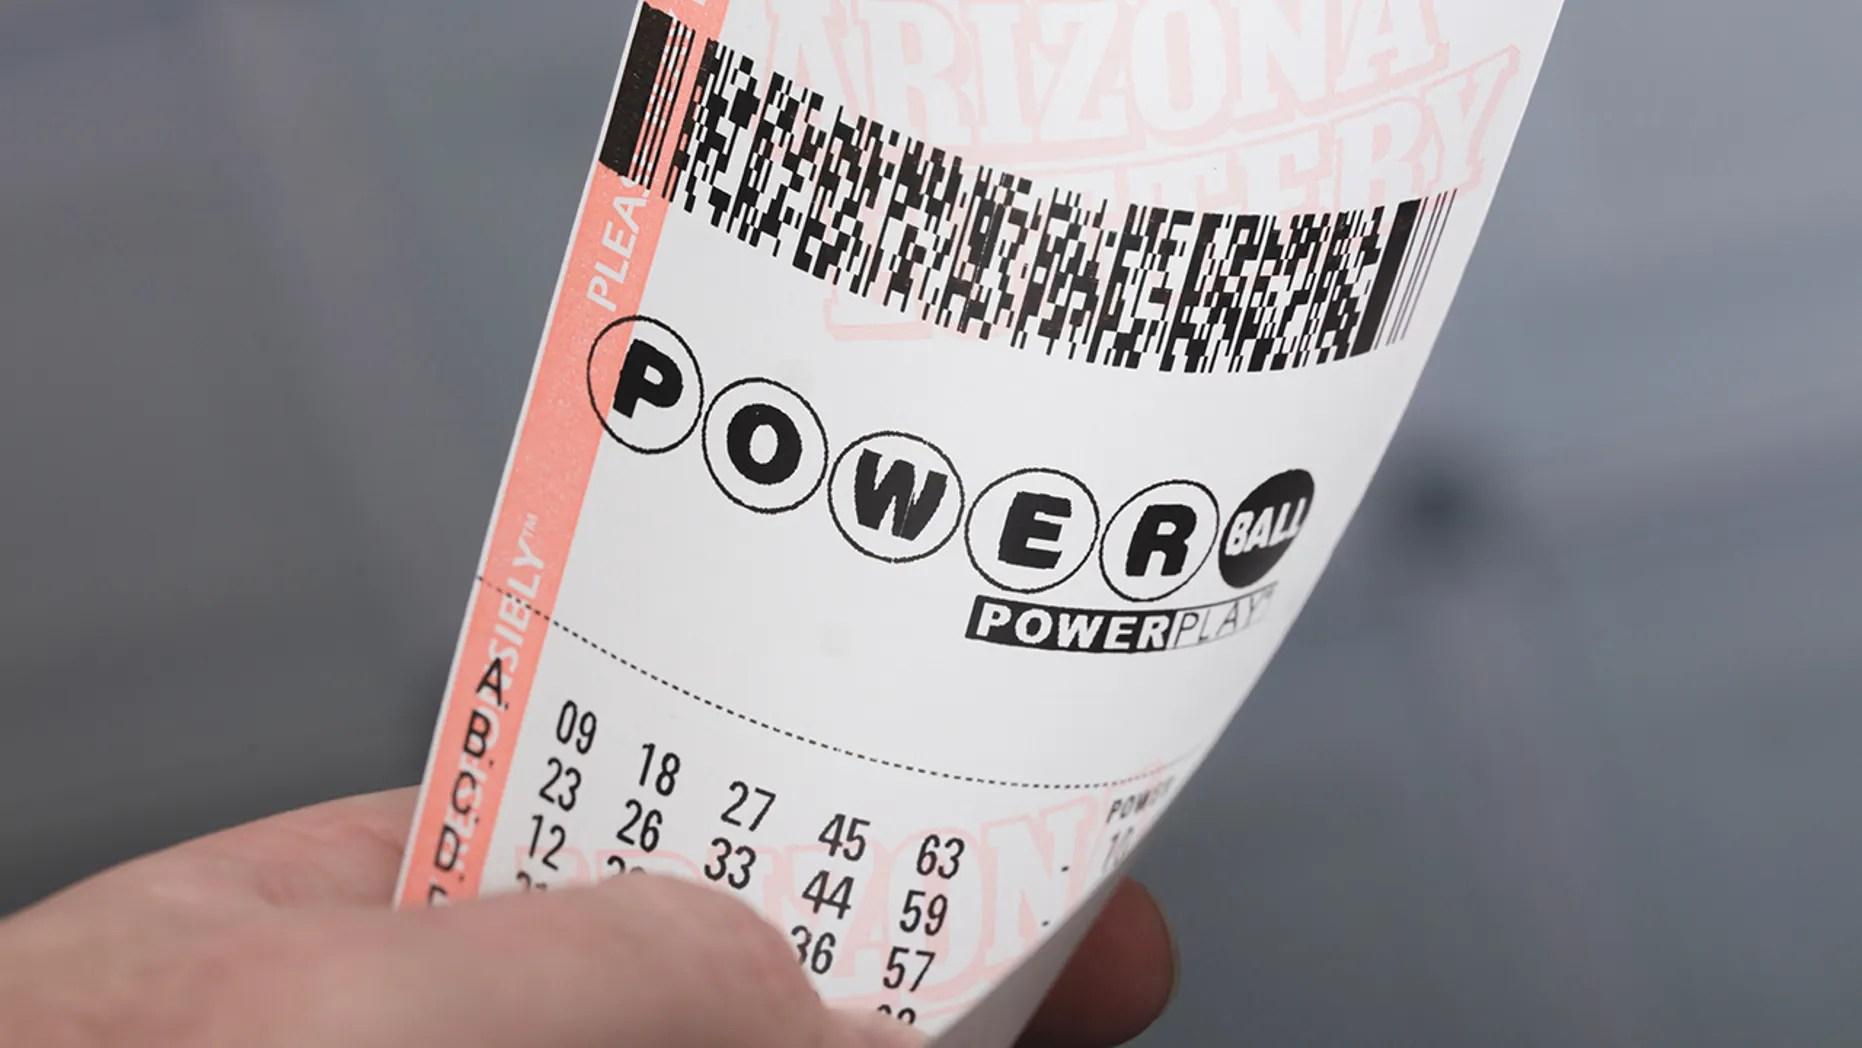 Kingman, USA - January 20, 2016: A photo of a man holding a Powerball lottery ticket in Kingman, Arizona.